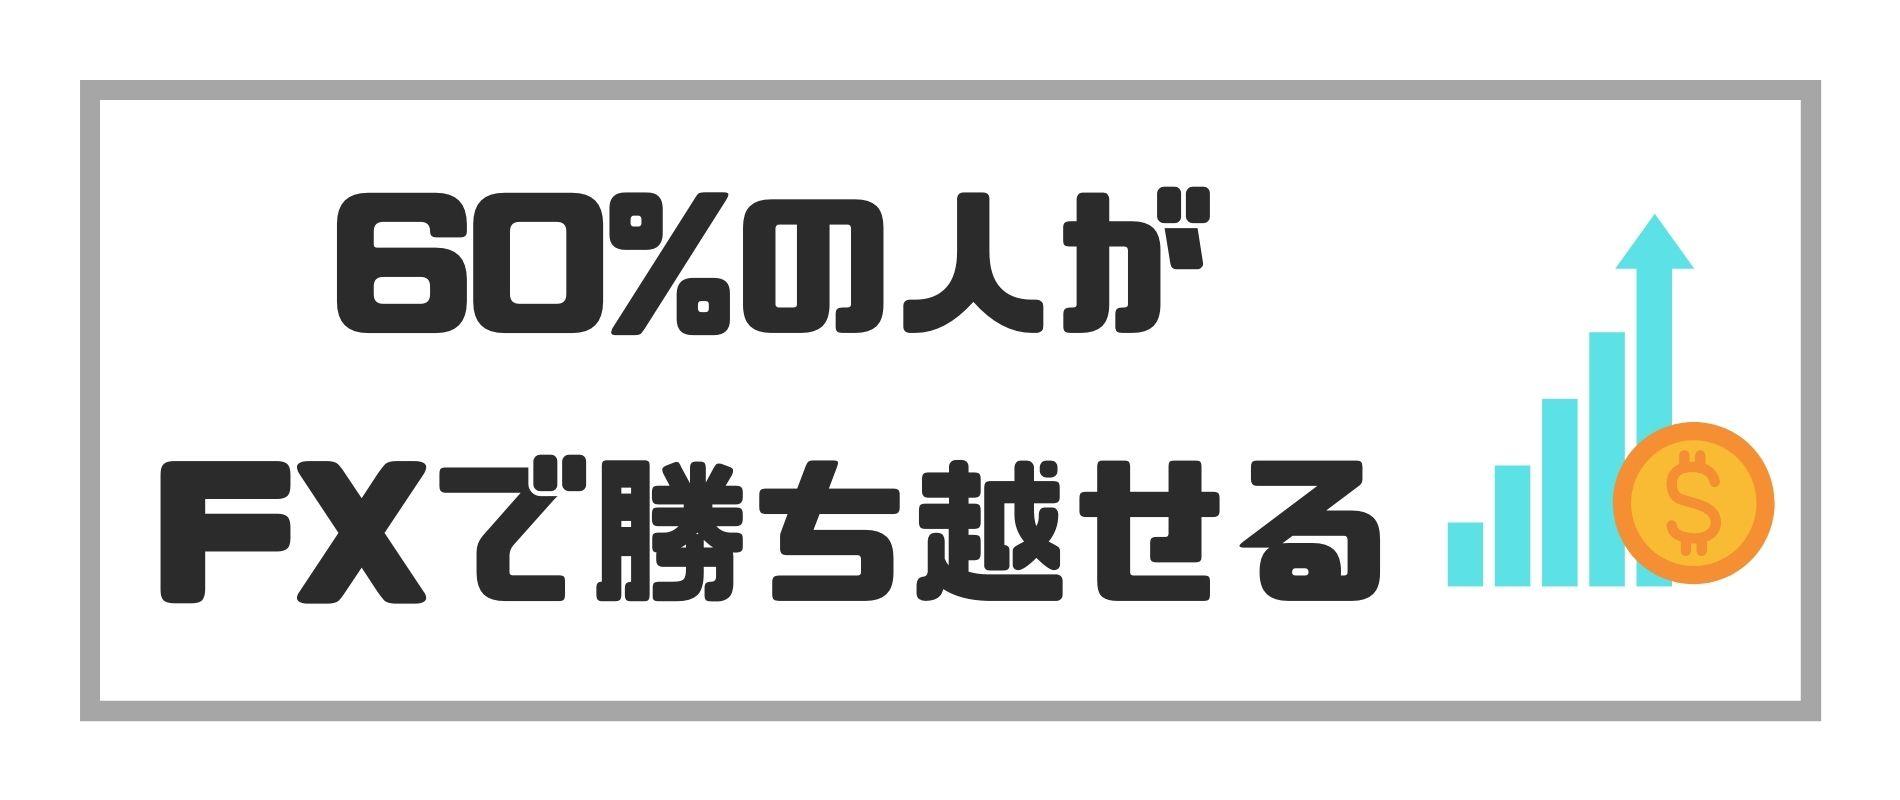 FX儲かる_60%の人がFXで勝ち越せる